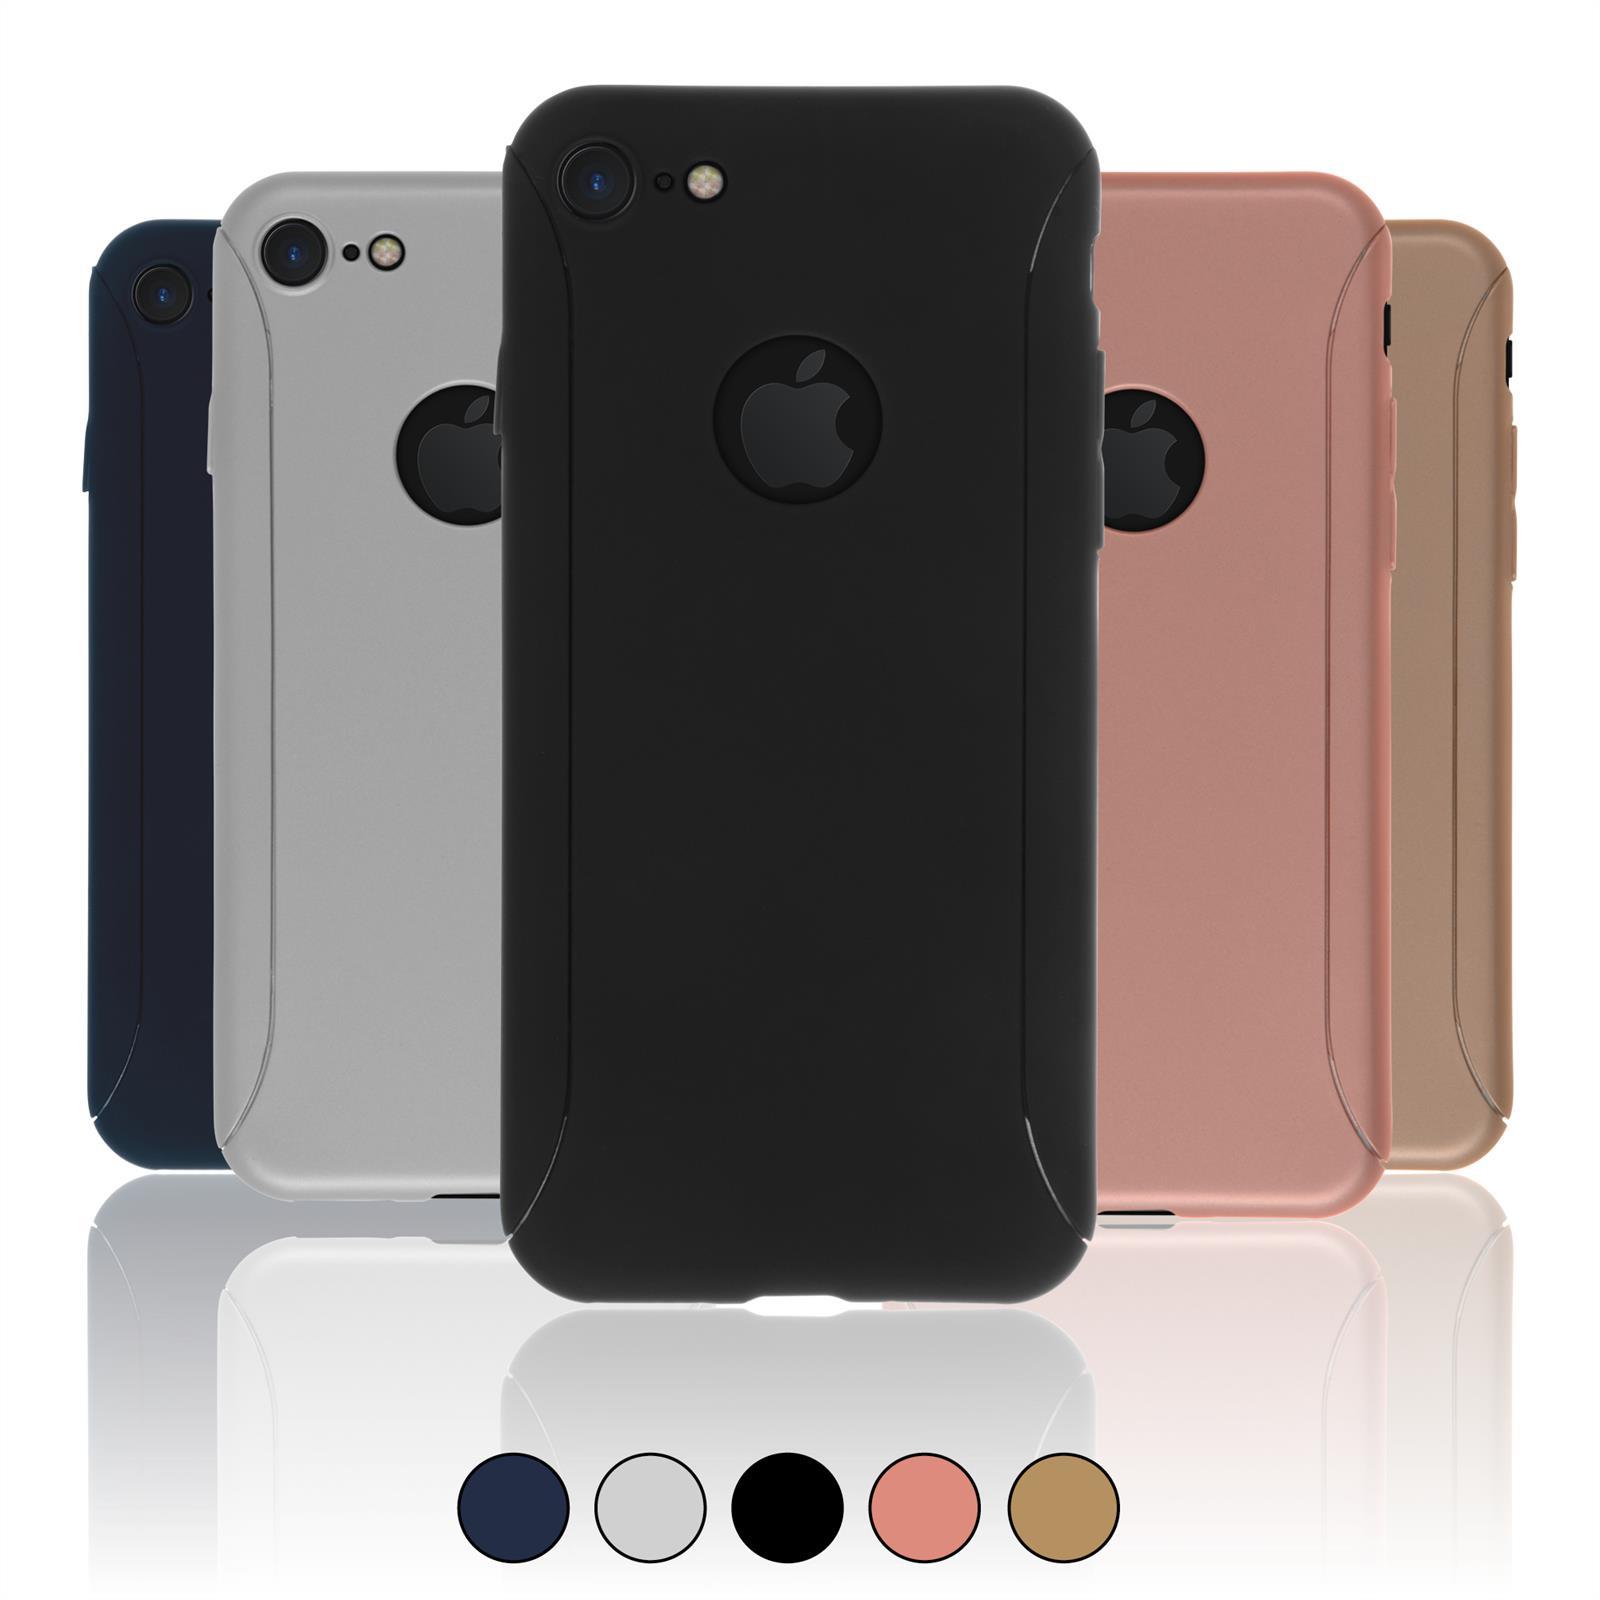 schutzh lle tasche schale f r apple iphone 7 plus und 8. Black Bedroom Furniture Sets. Home Design Ideas